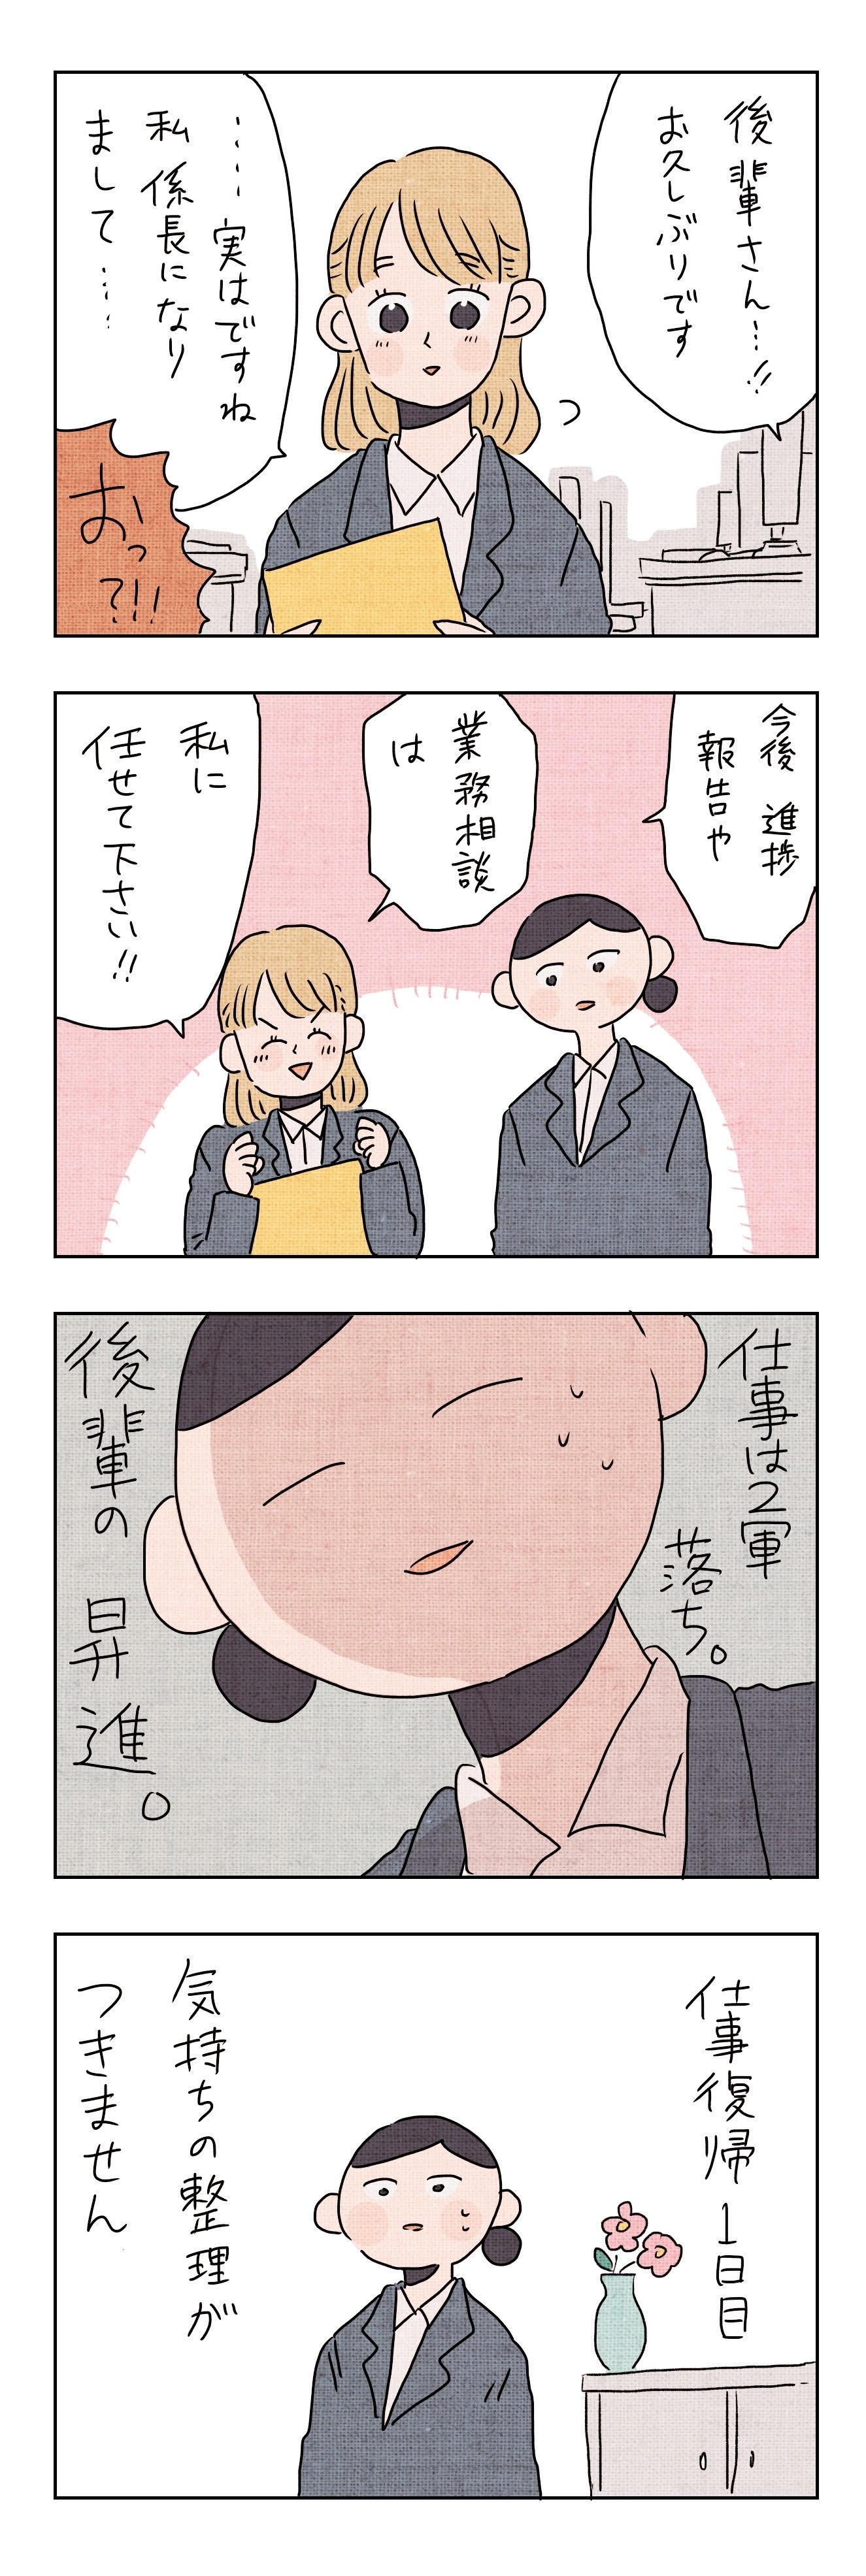 【連載】ママでも夢見ていいですか?~4児の母の挑戦記録~第6話2